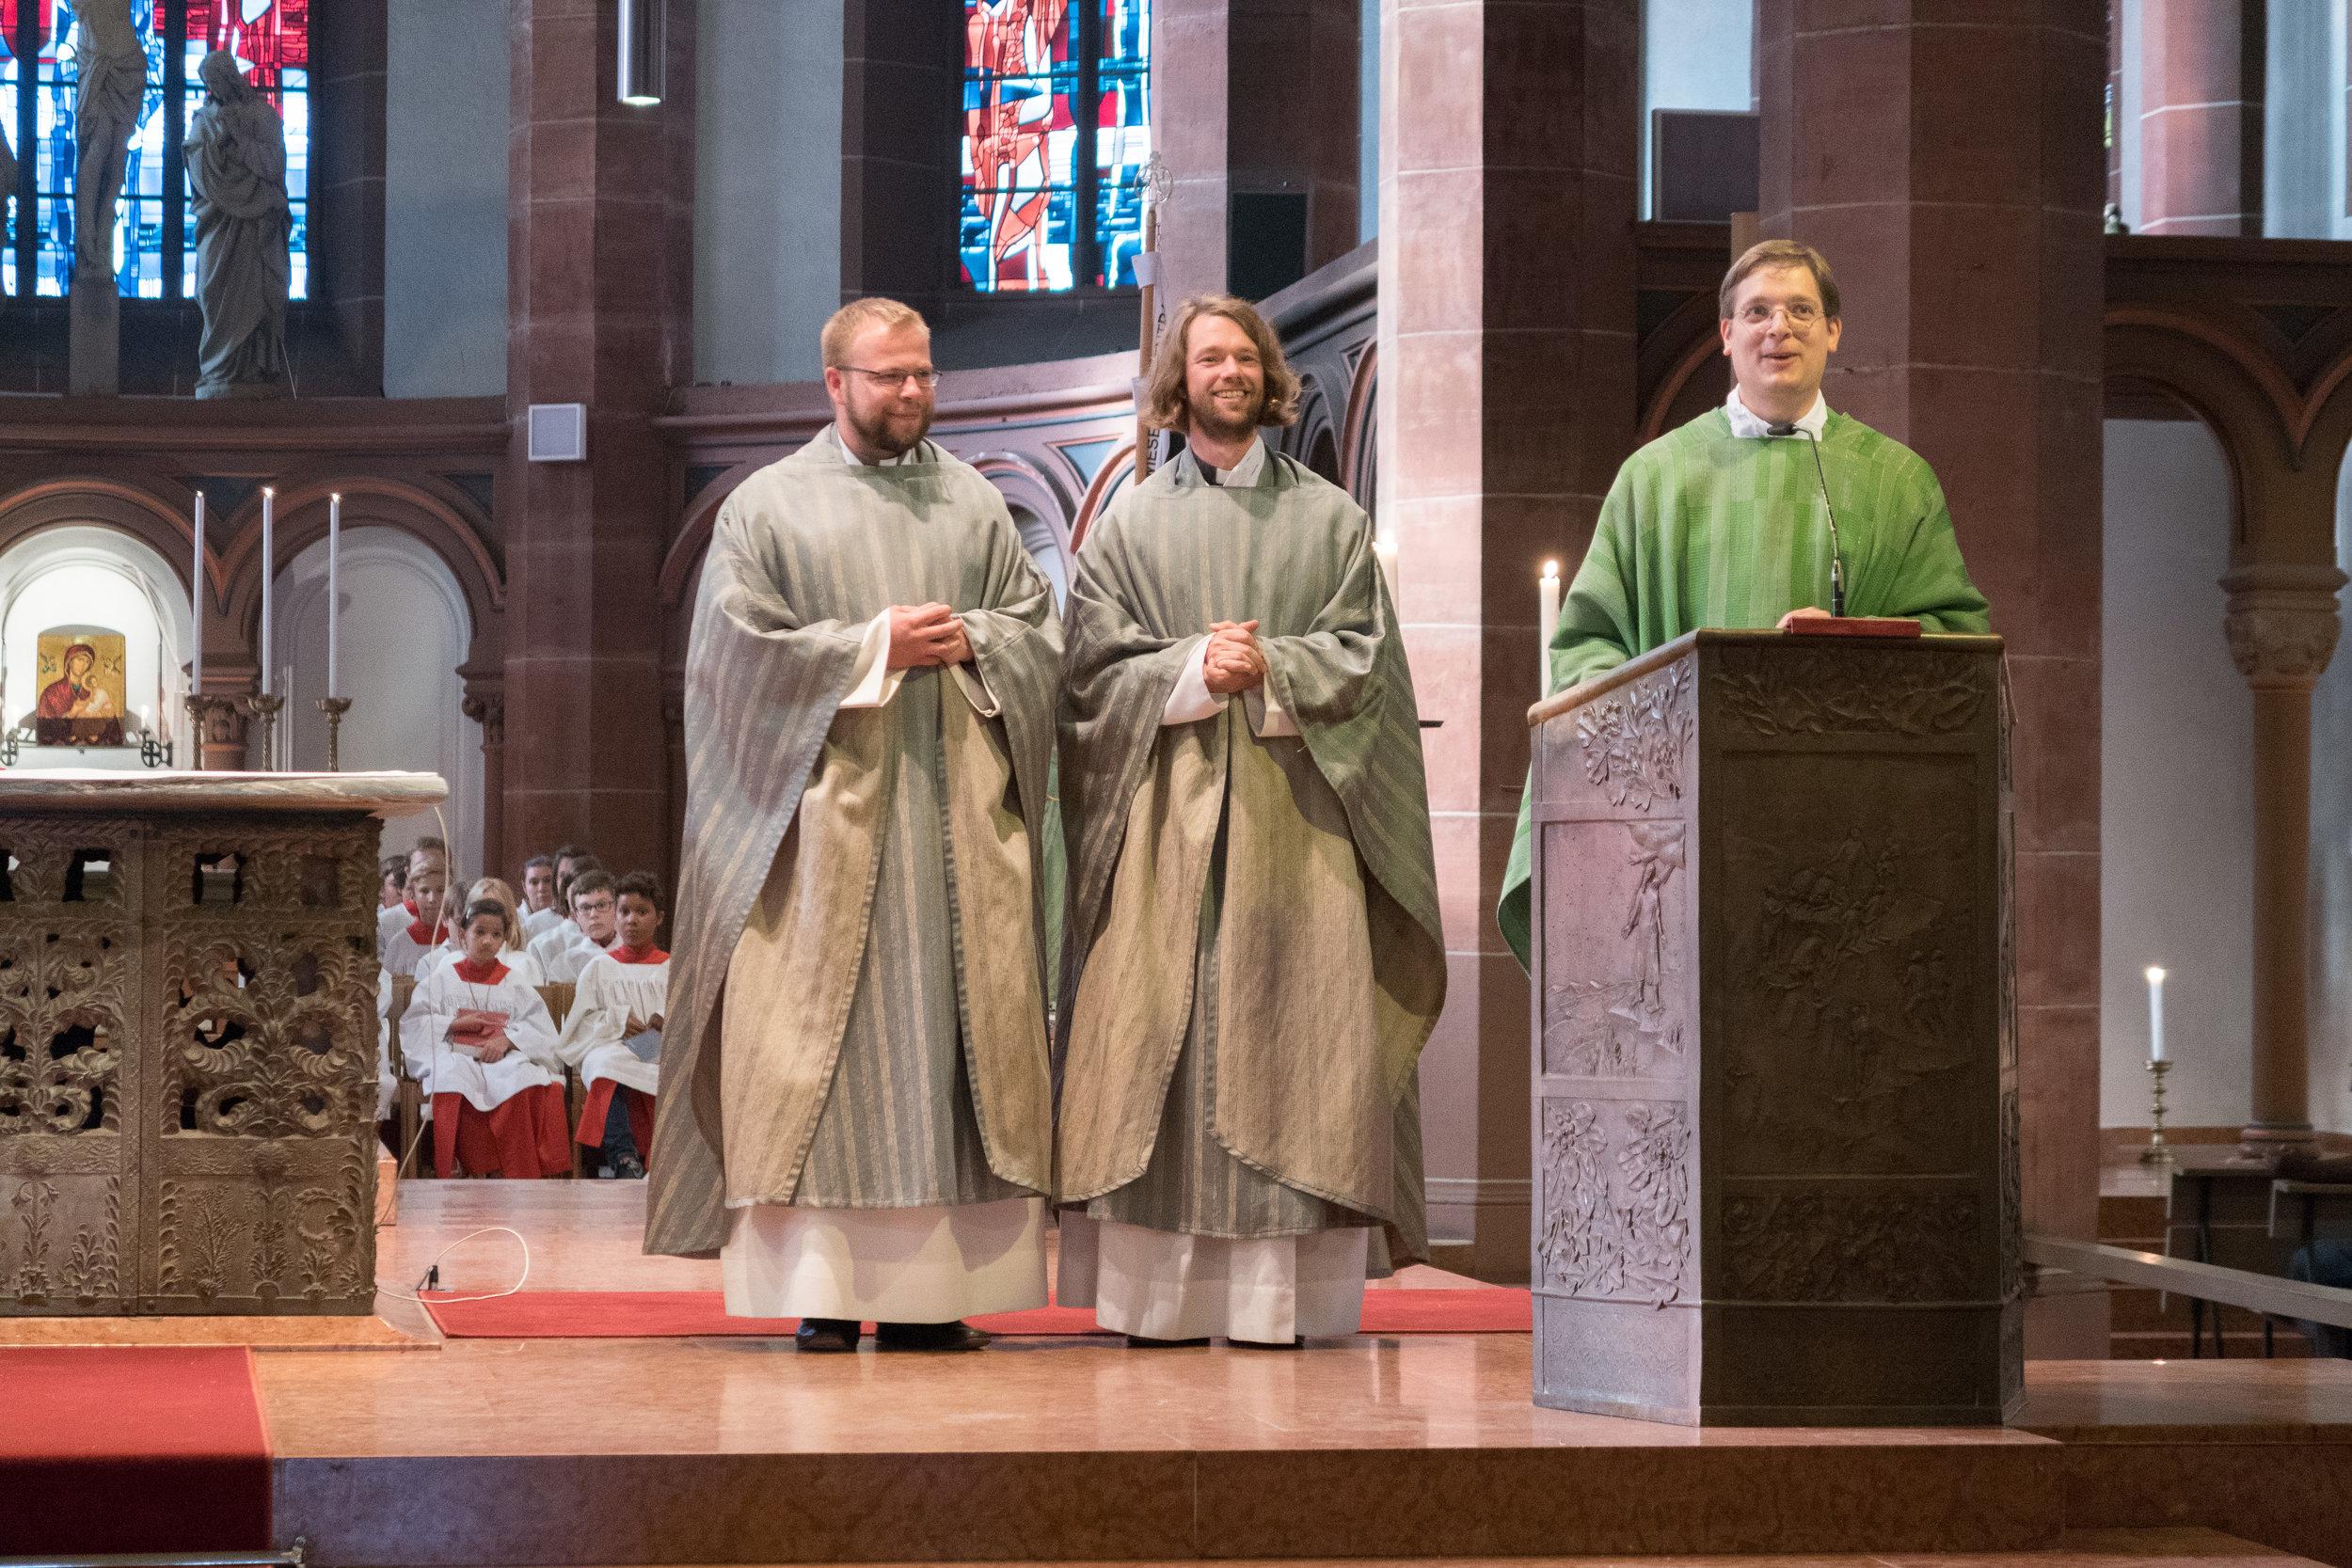 Die Kapläne Radoslaw Lydkowski (links) und Simon Schade (mitte), Stadtdekan Klaus Nebel (rechts) bei der Verabschiedung im Gottesdienst am 13. August 2017 in St. Bonifatius. Foto: Benjamin Dahlhoff